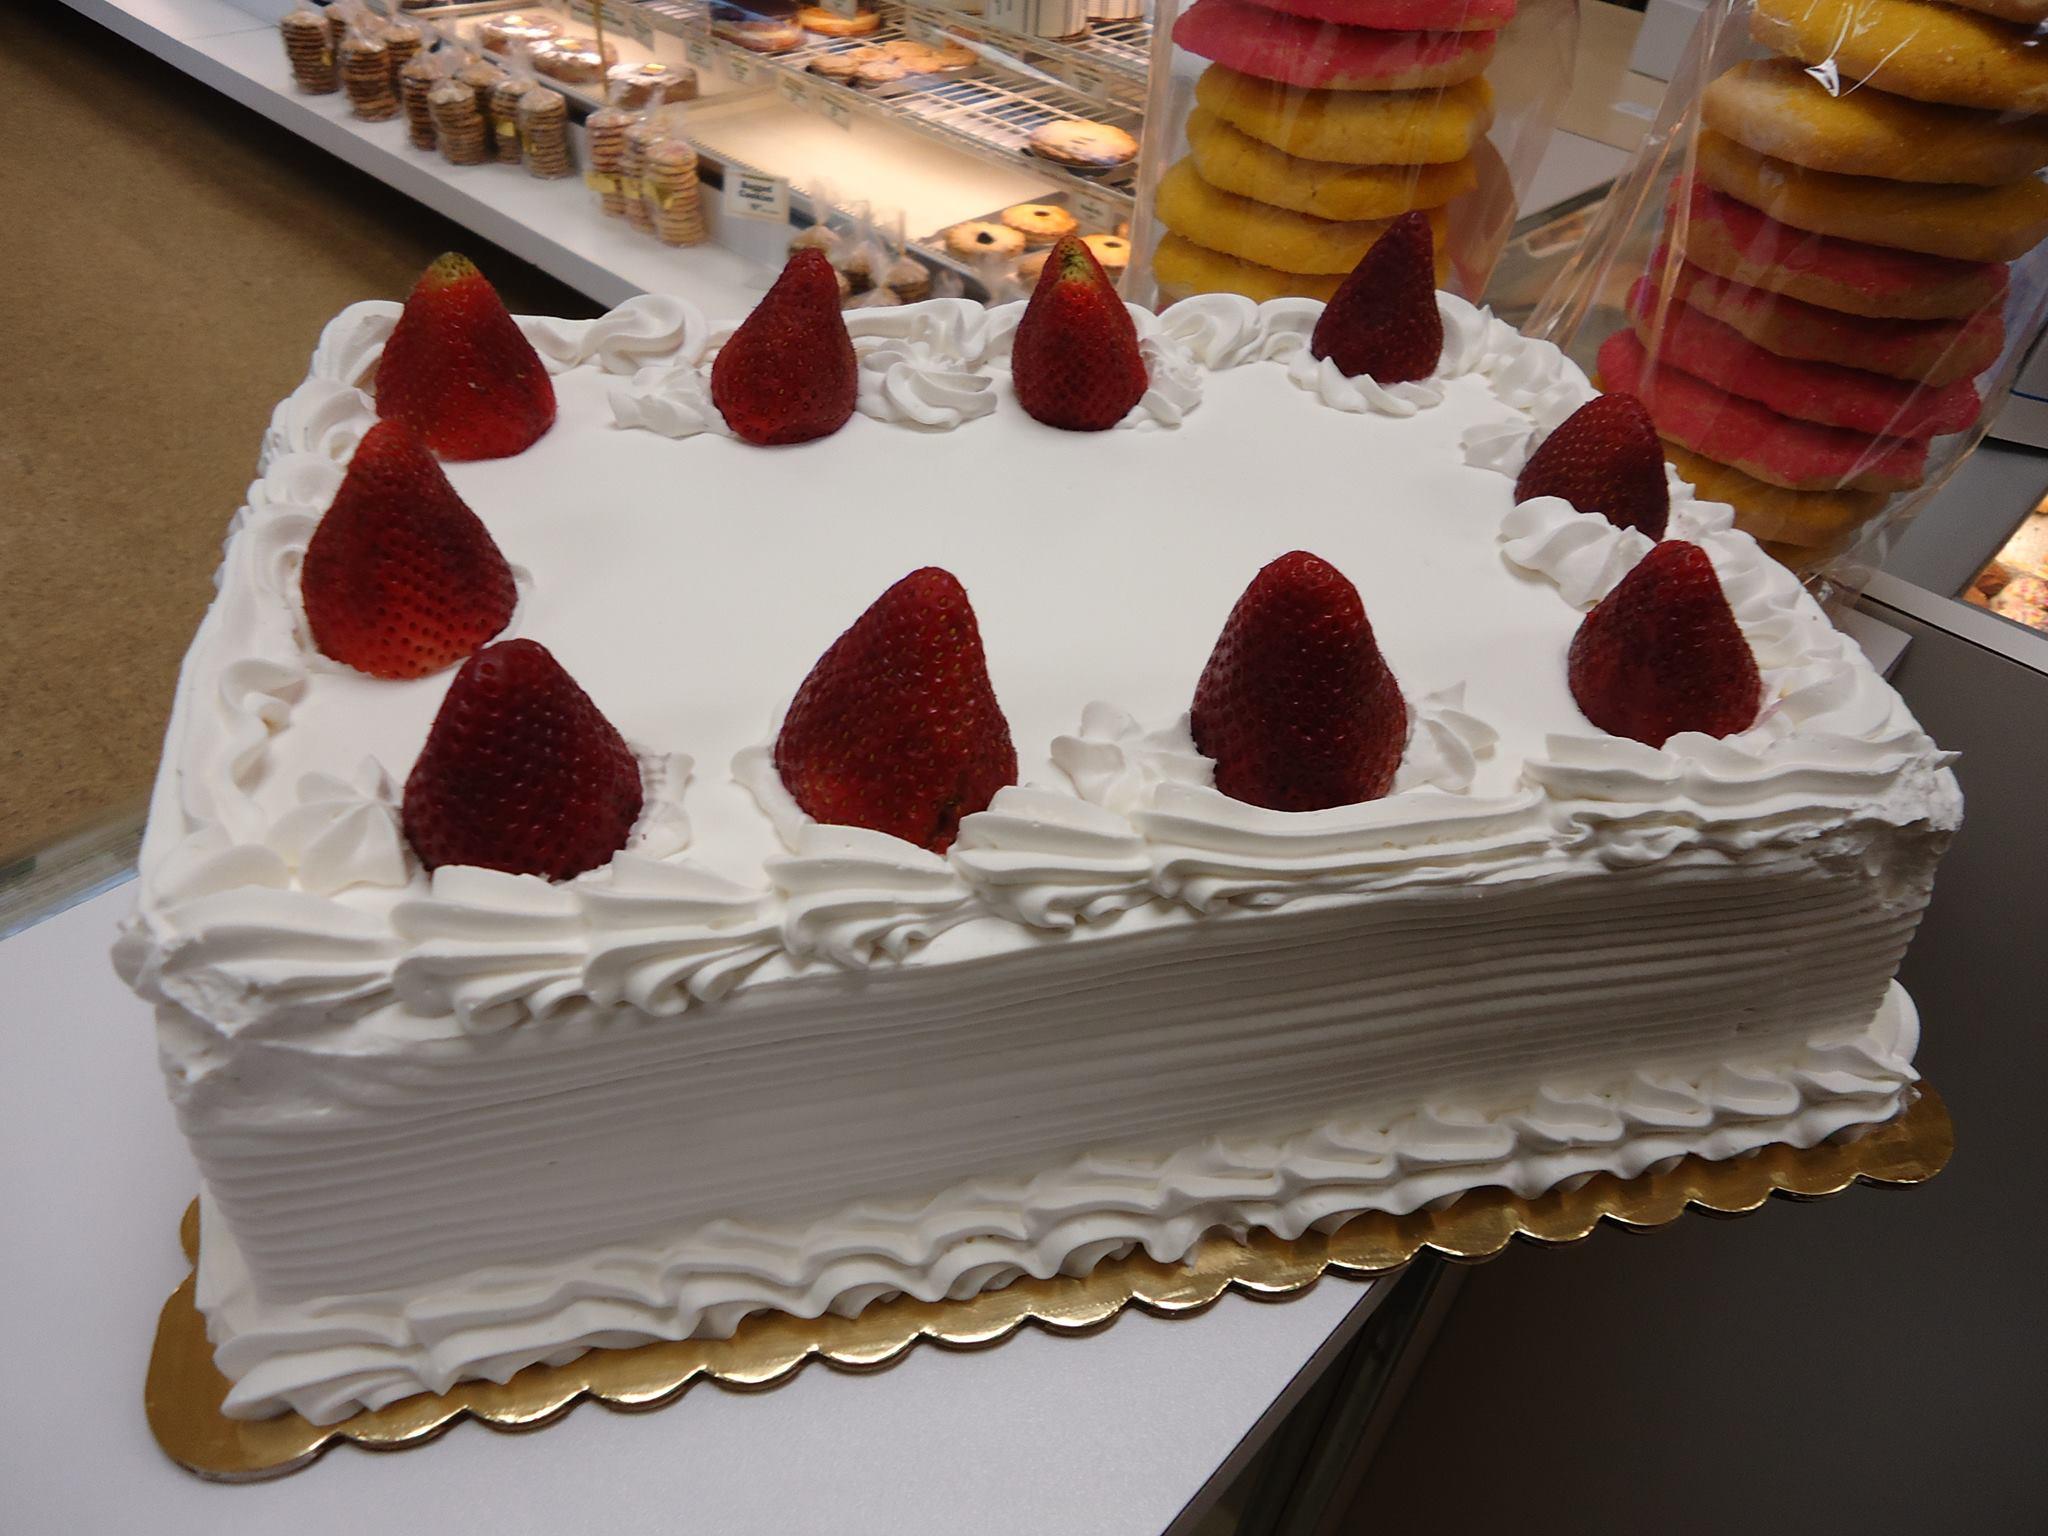 strawberry-shortcake.jpg